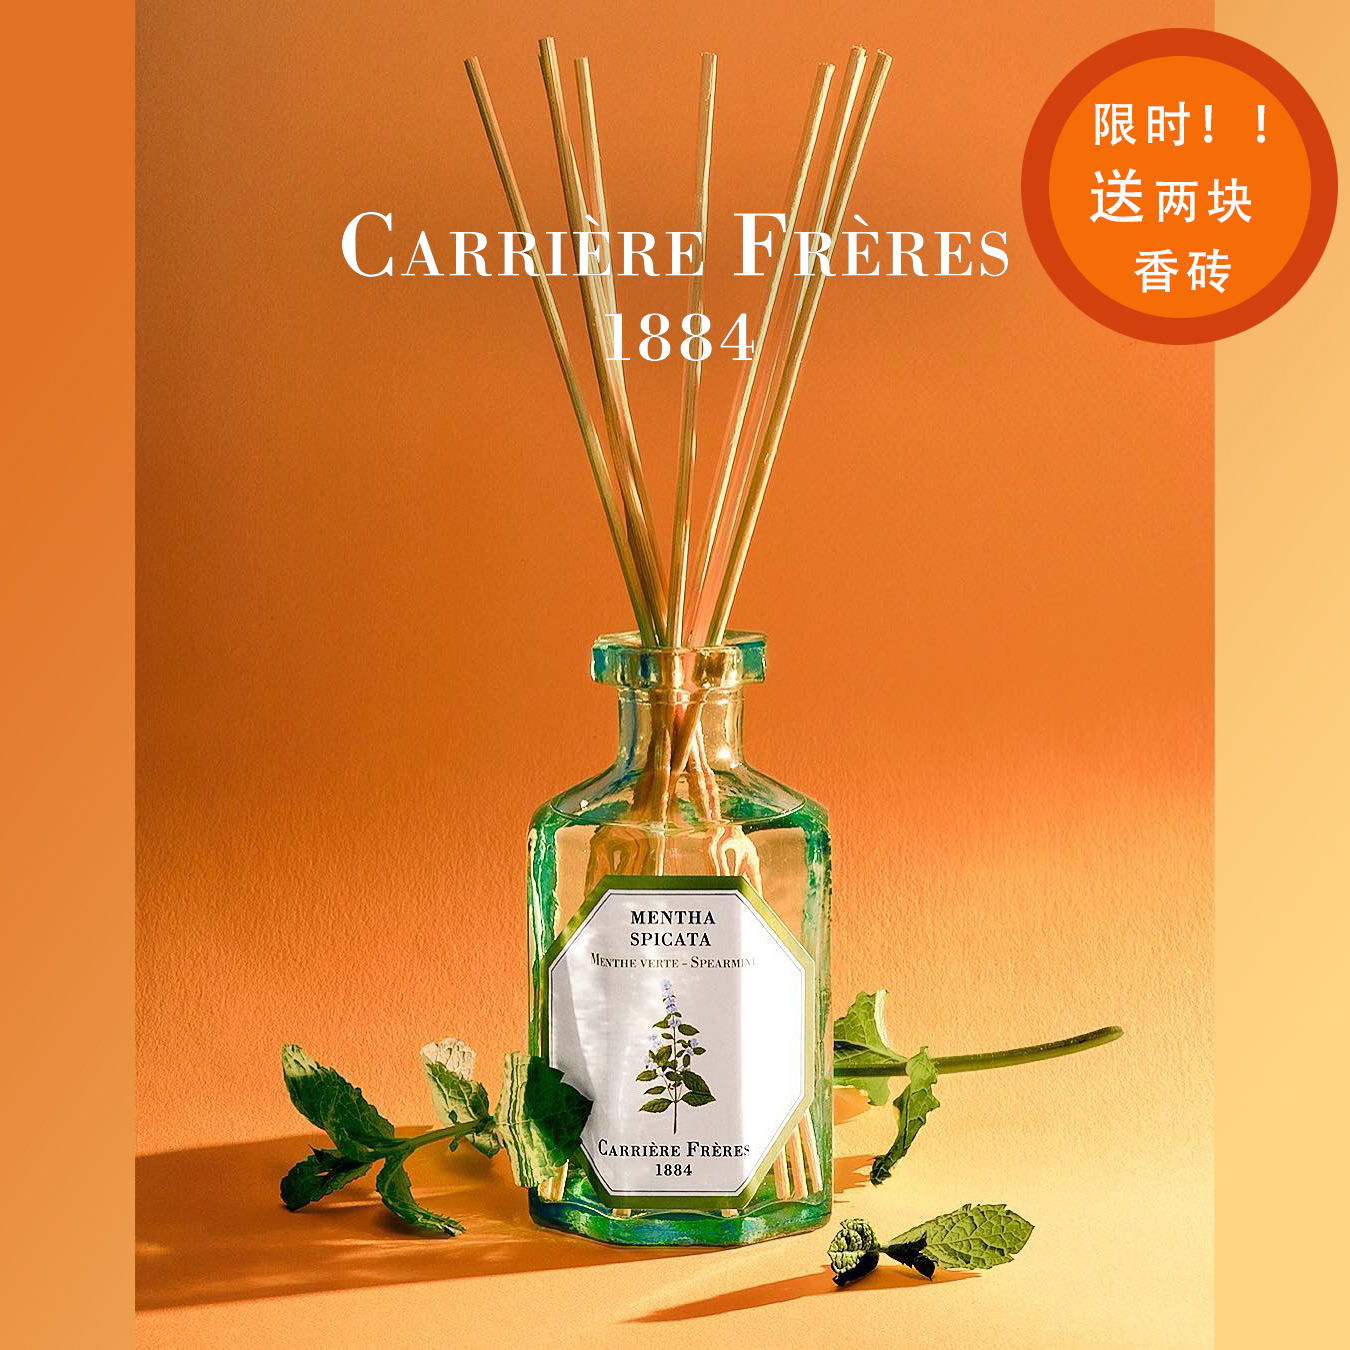 官方 法国植物学家Carriere Freres环保无火扩香藤条香氛香薰香喷